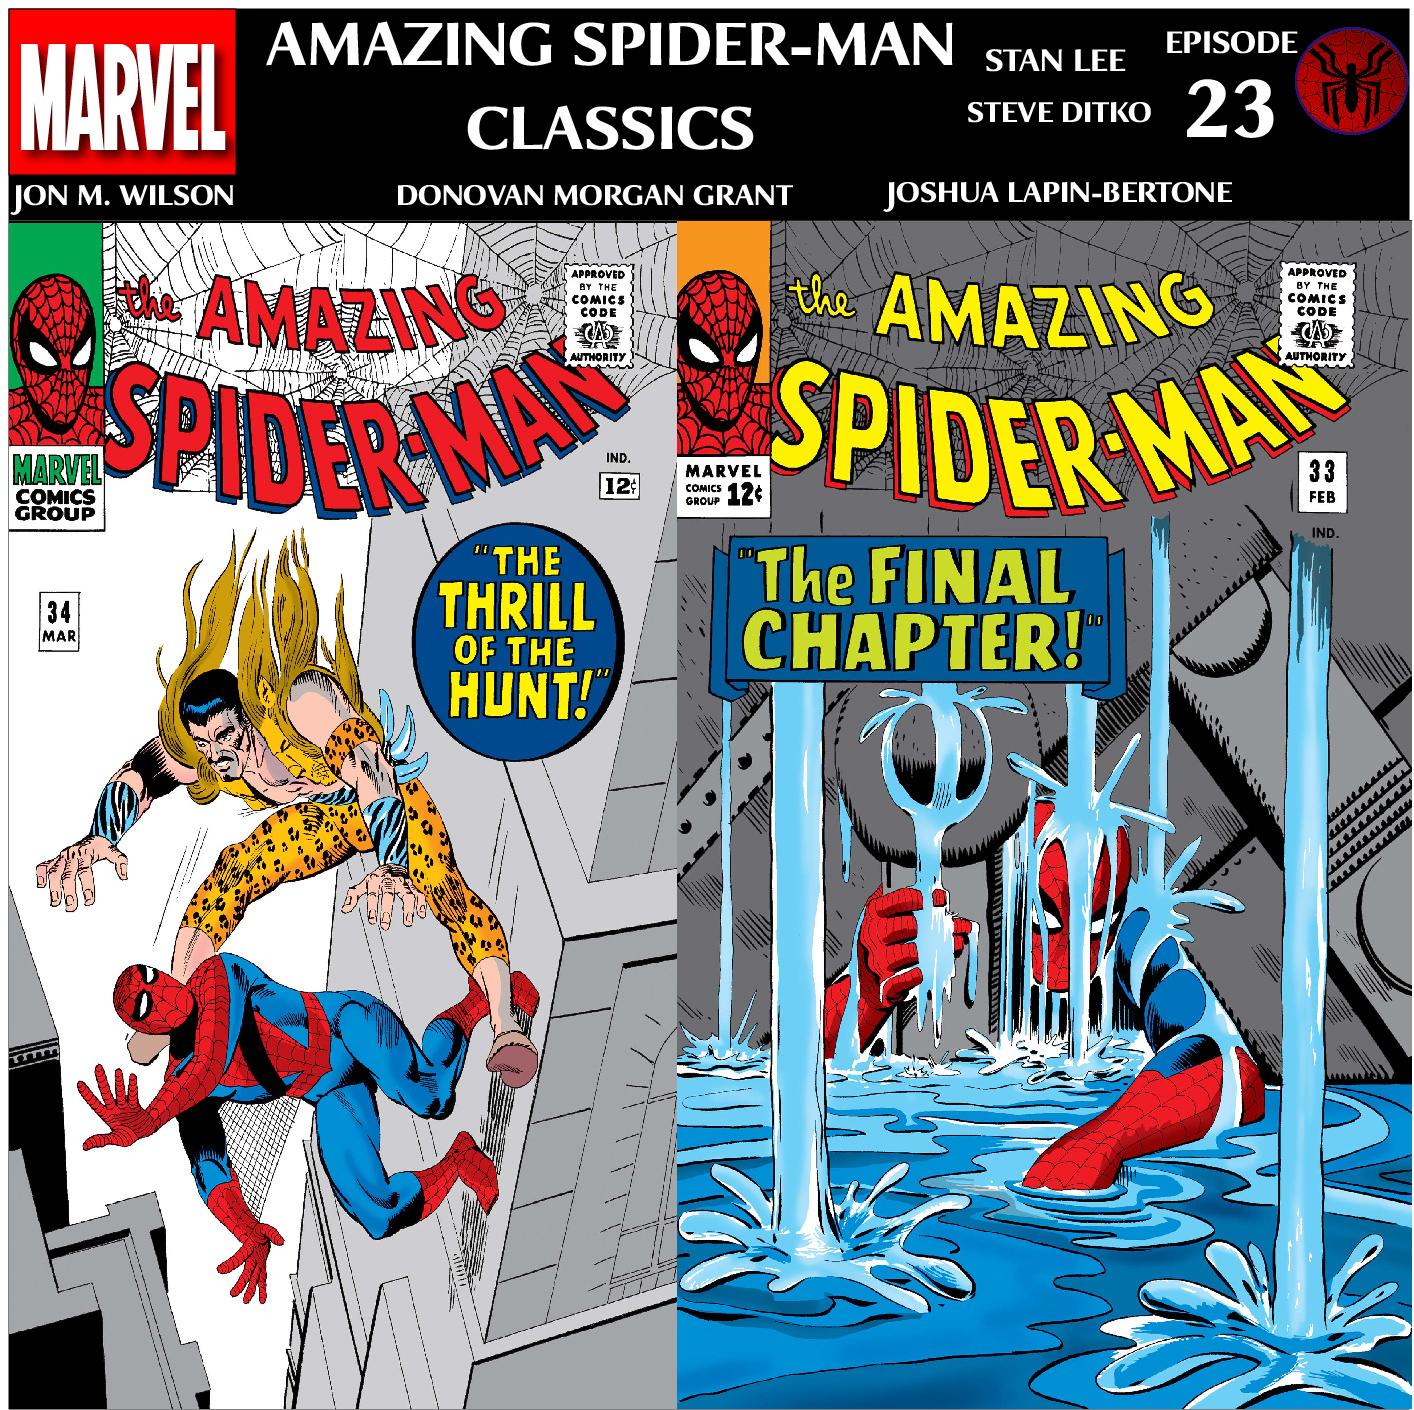 ASM Classics Episode 23: Amazing Spider-Man 33 & 34